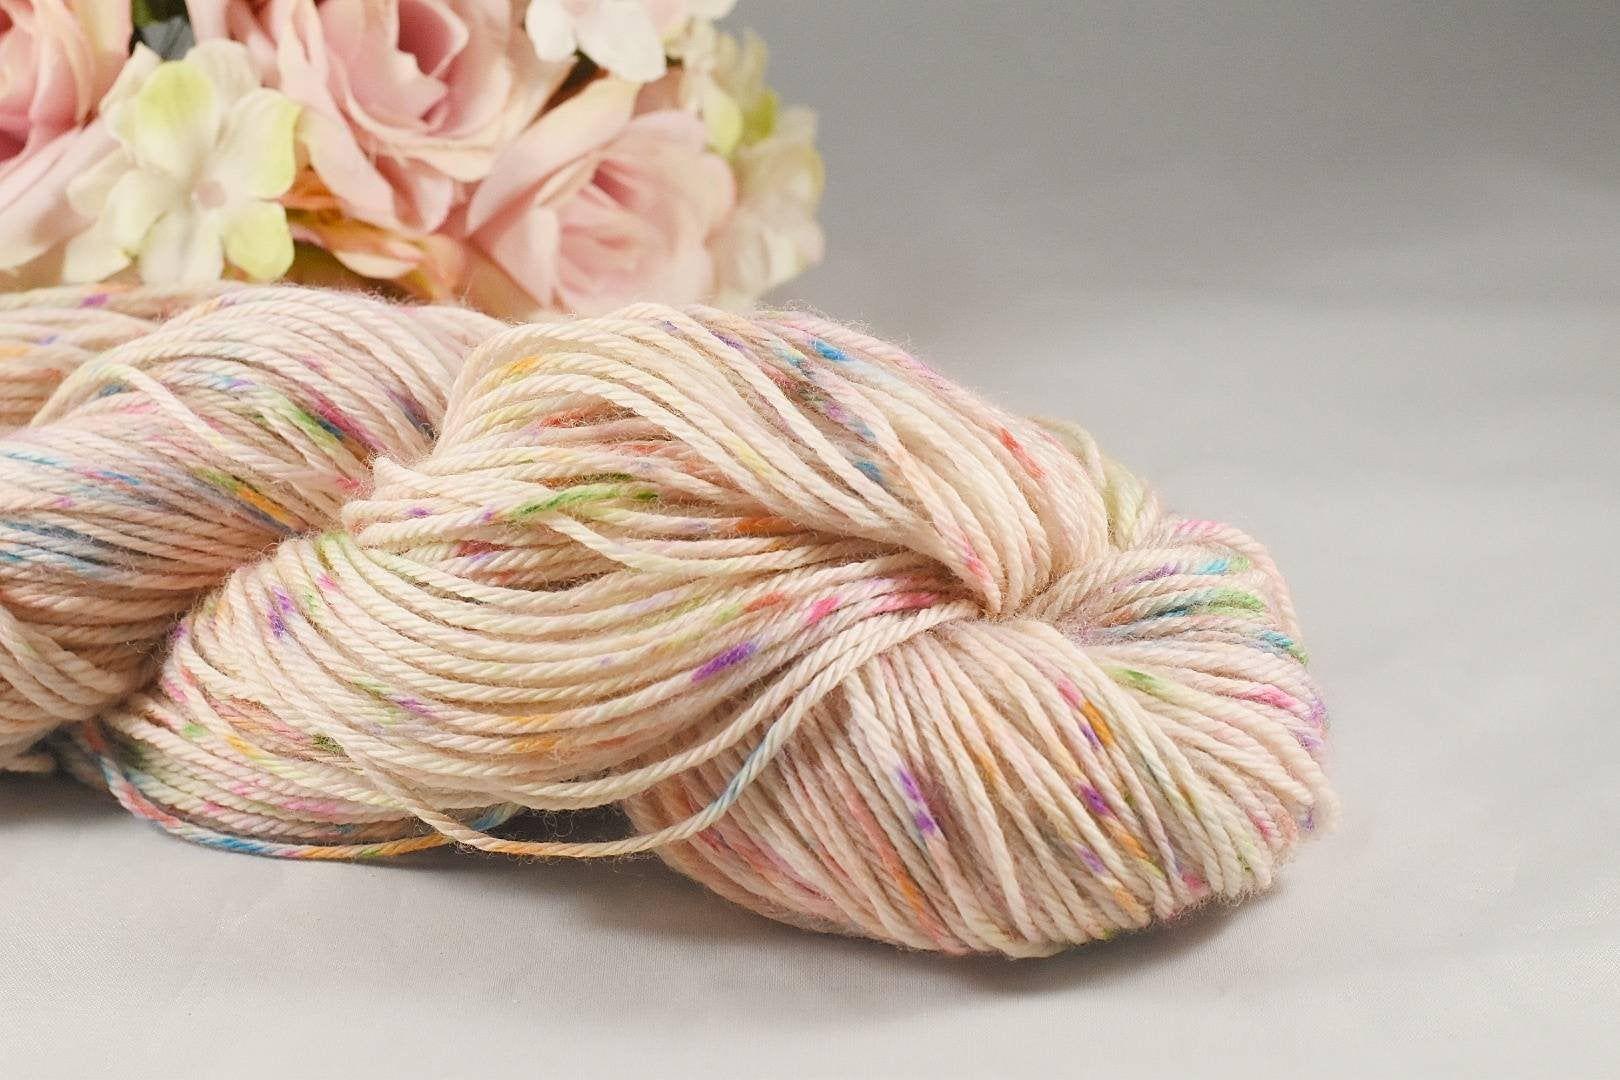 Confetti yarnspeckled yarn dotted yarnsuperwash merino